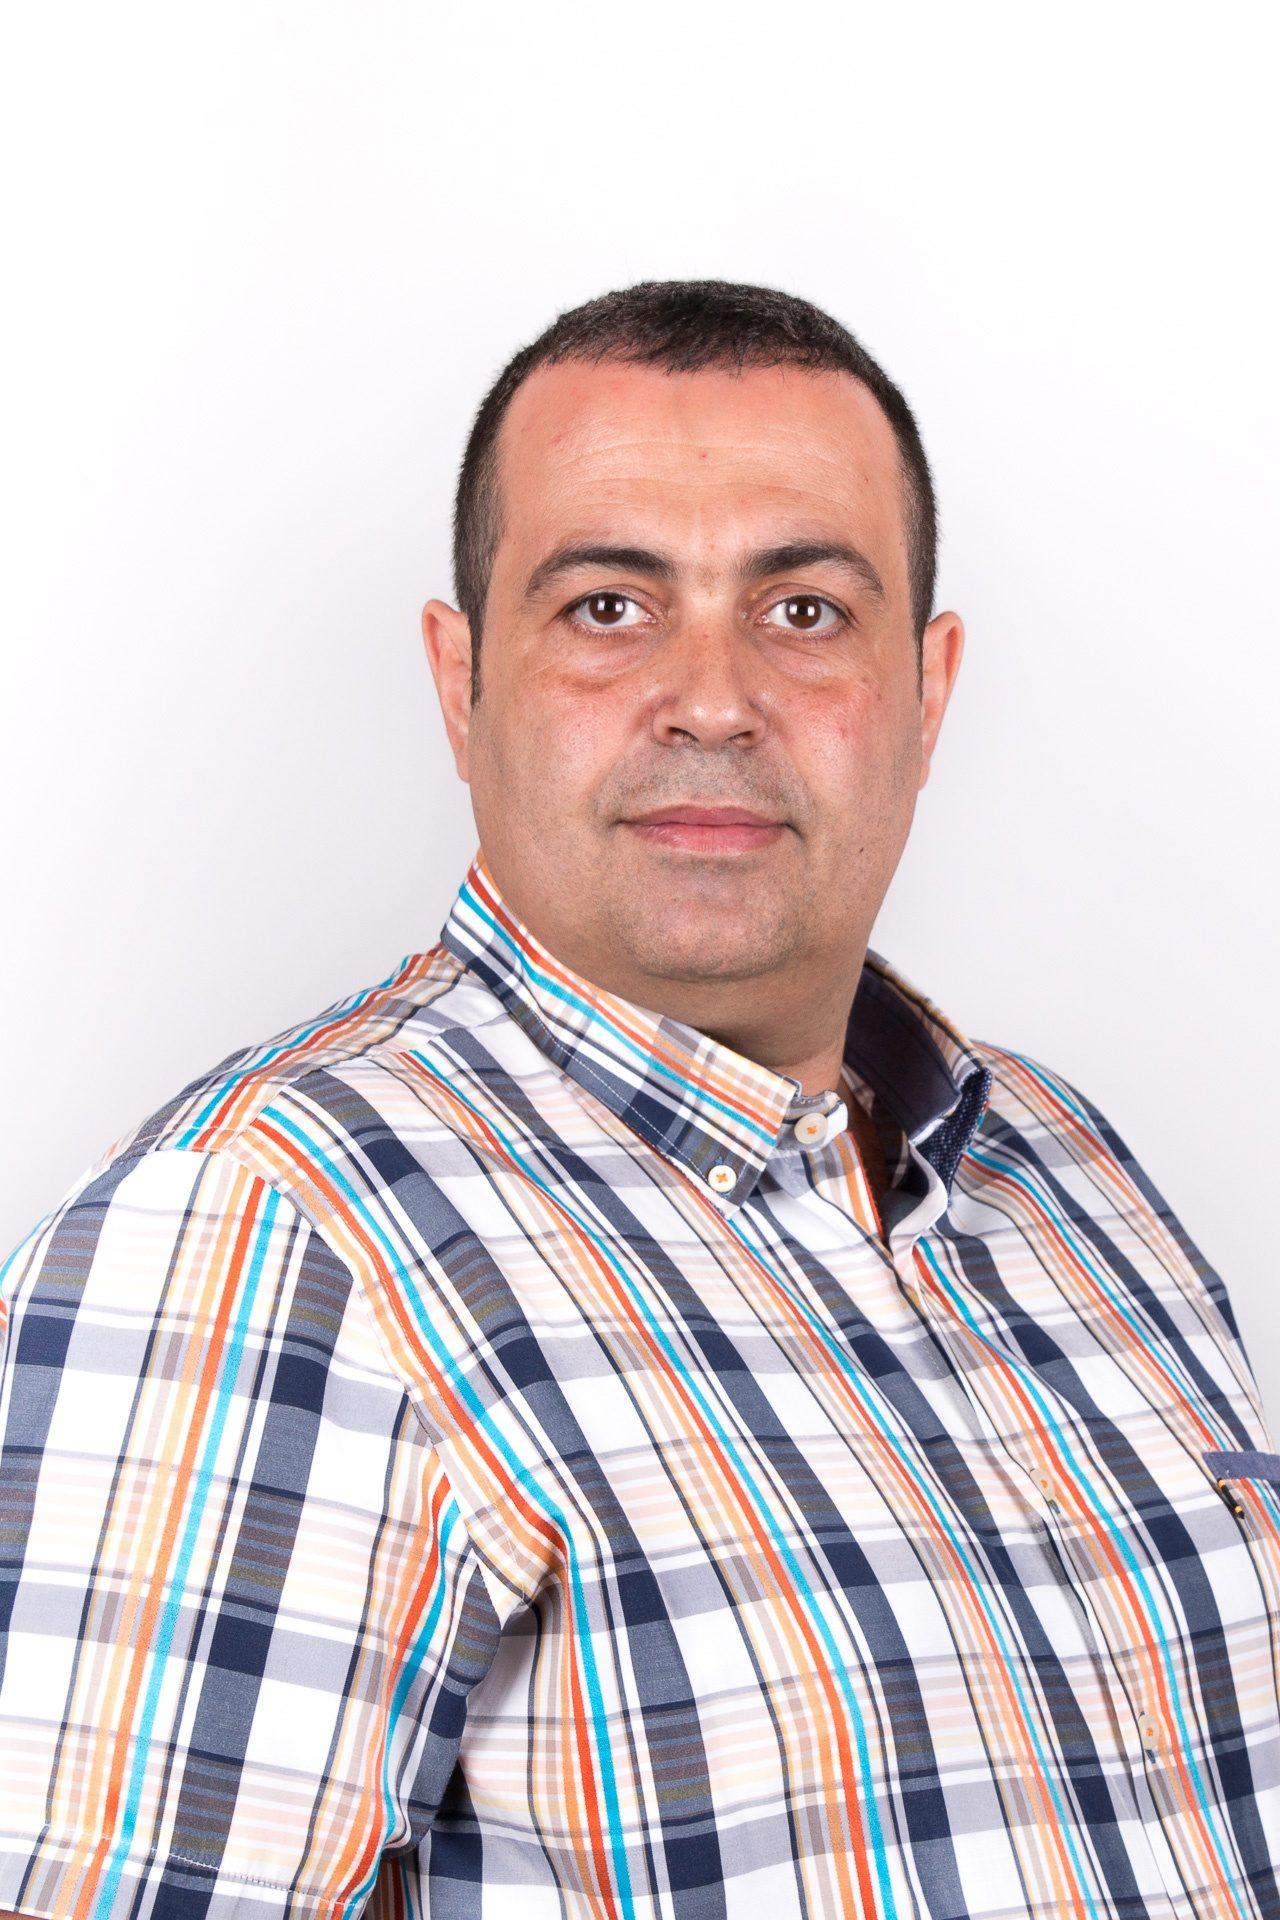 Ricardo Martín Suárez